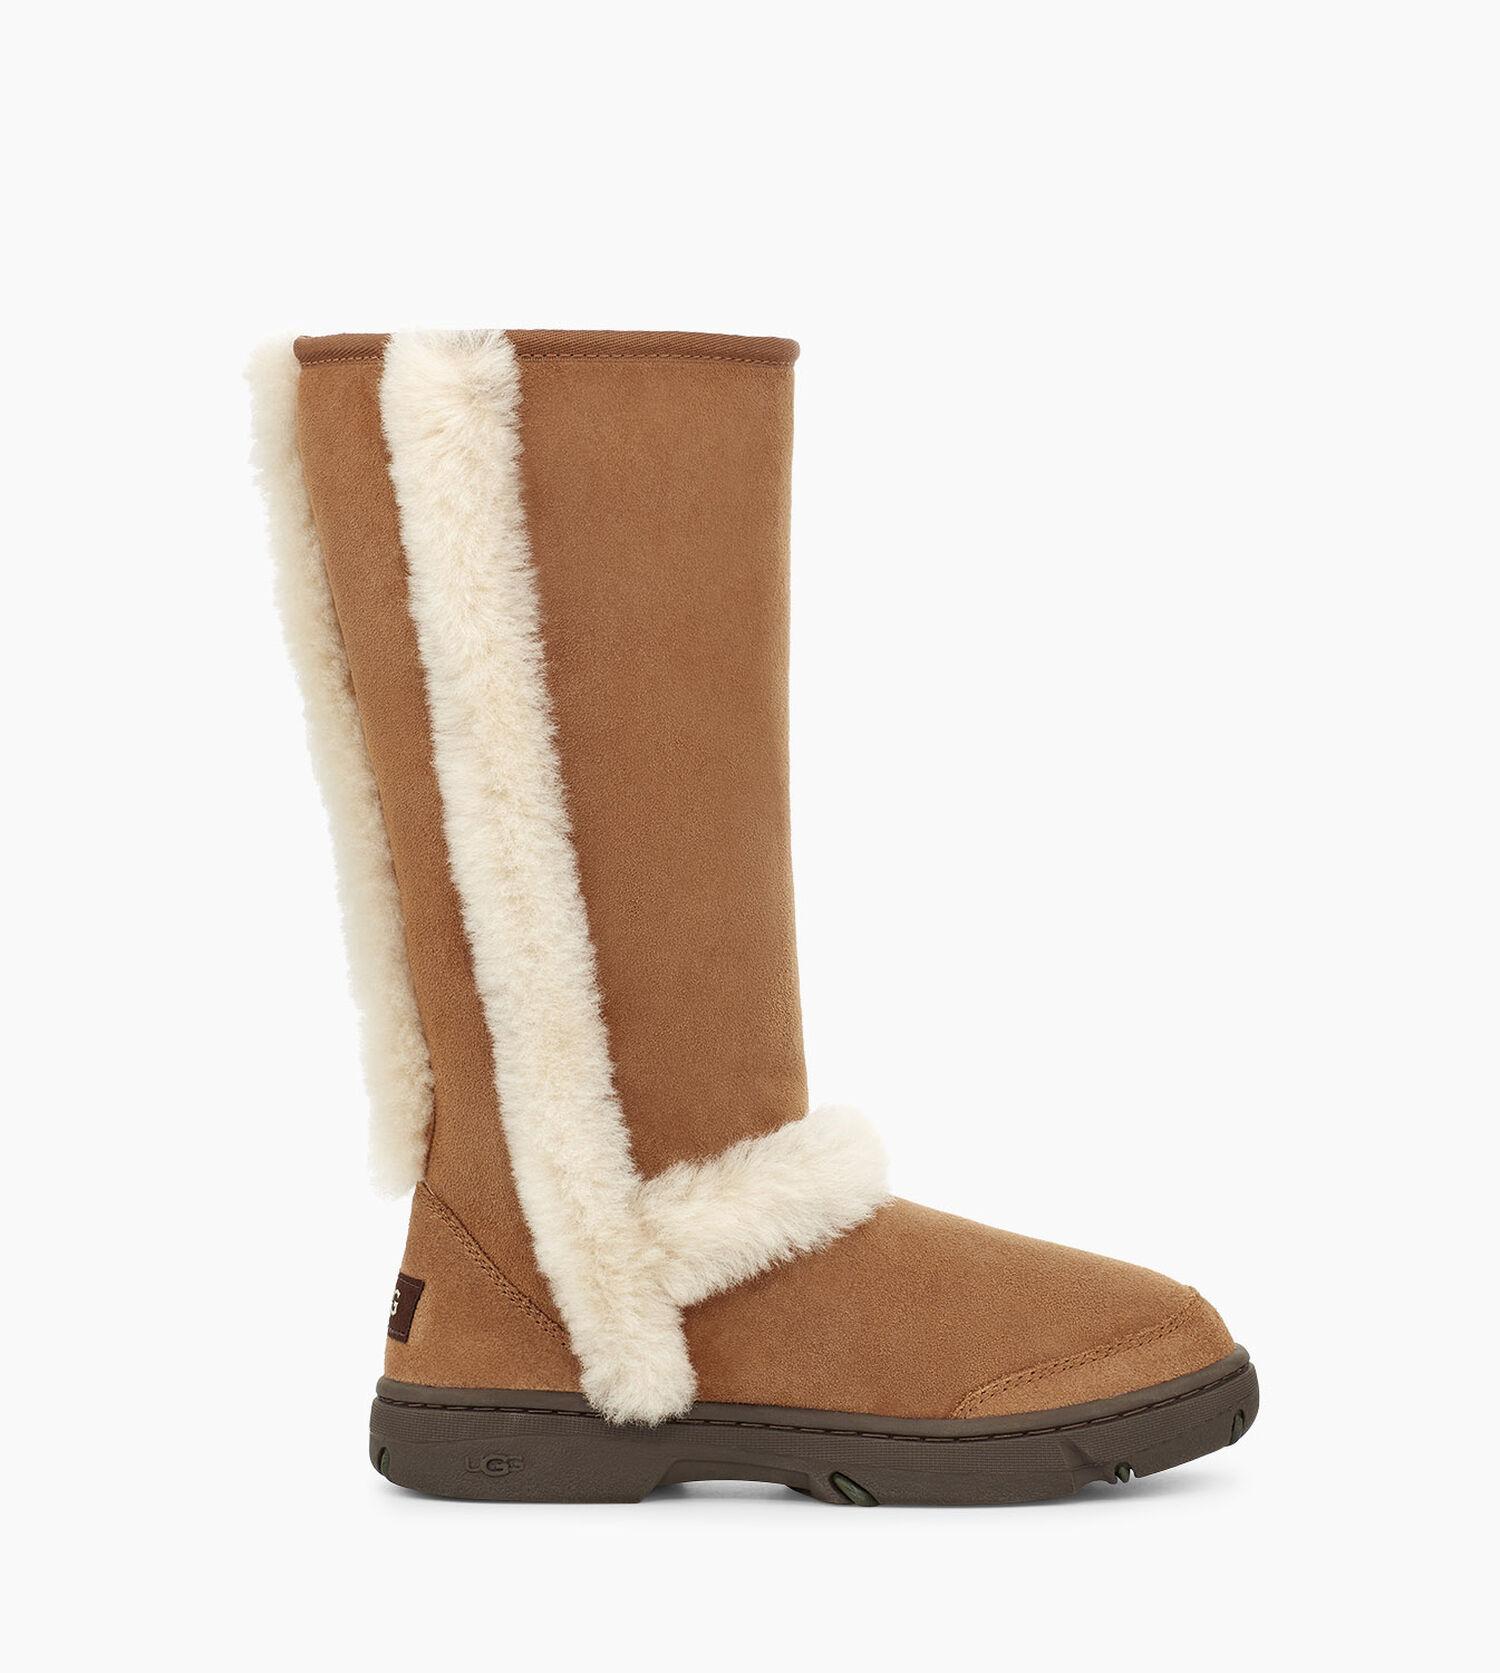 ugg boots usa website